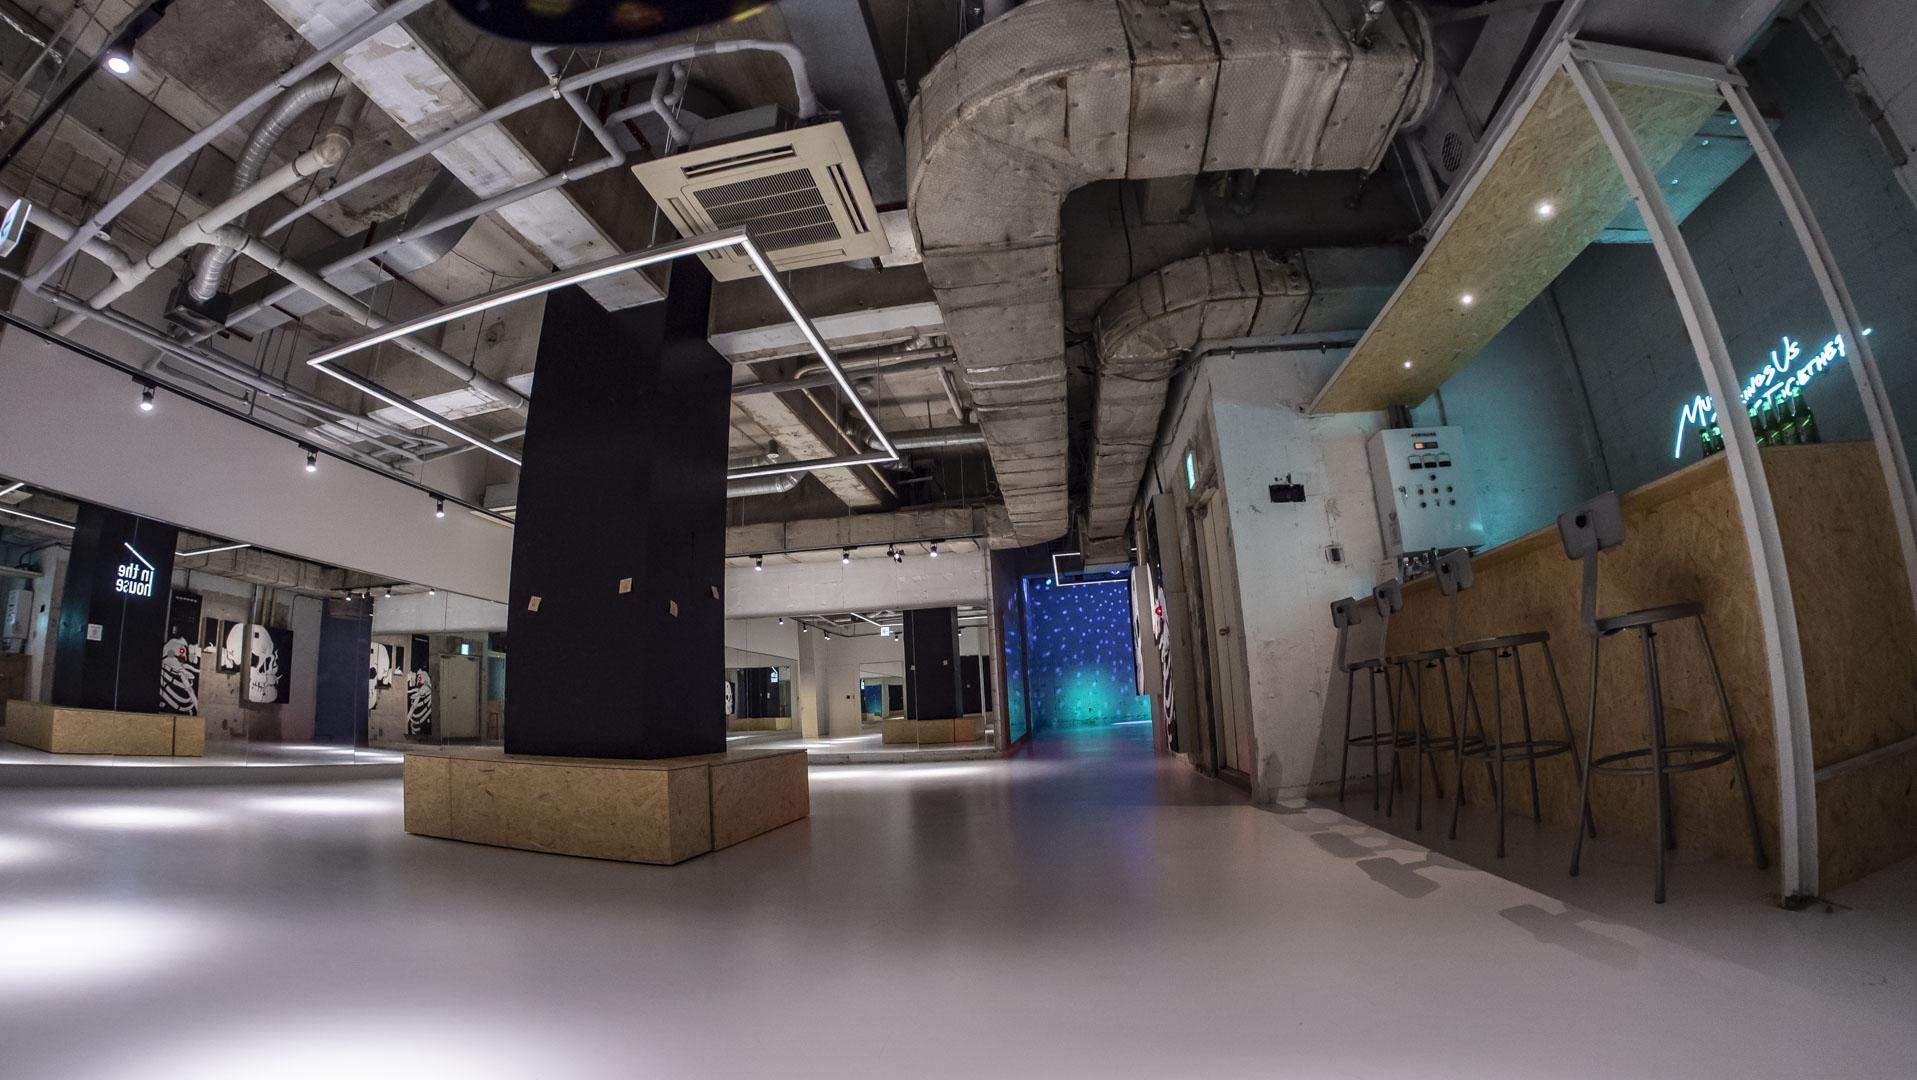 こちらのスペースはシェアスペースです。ご利用者さま同士、譲り合ってご利用ください - StreetDancePark 【3】深夜PARK 20時~の室内の写真